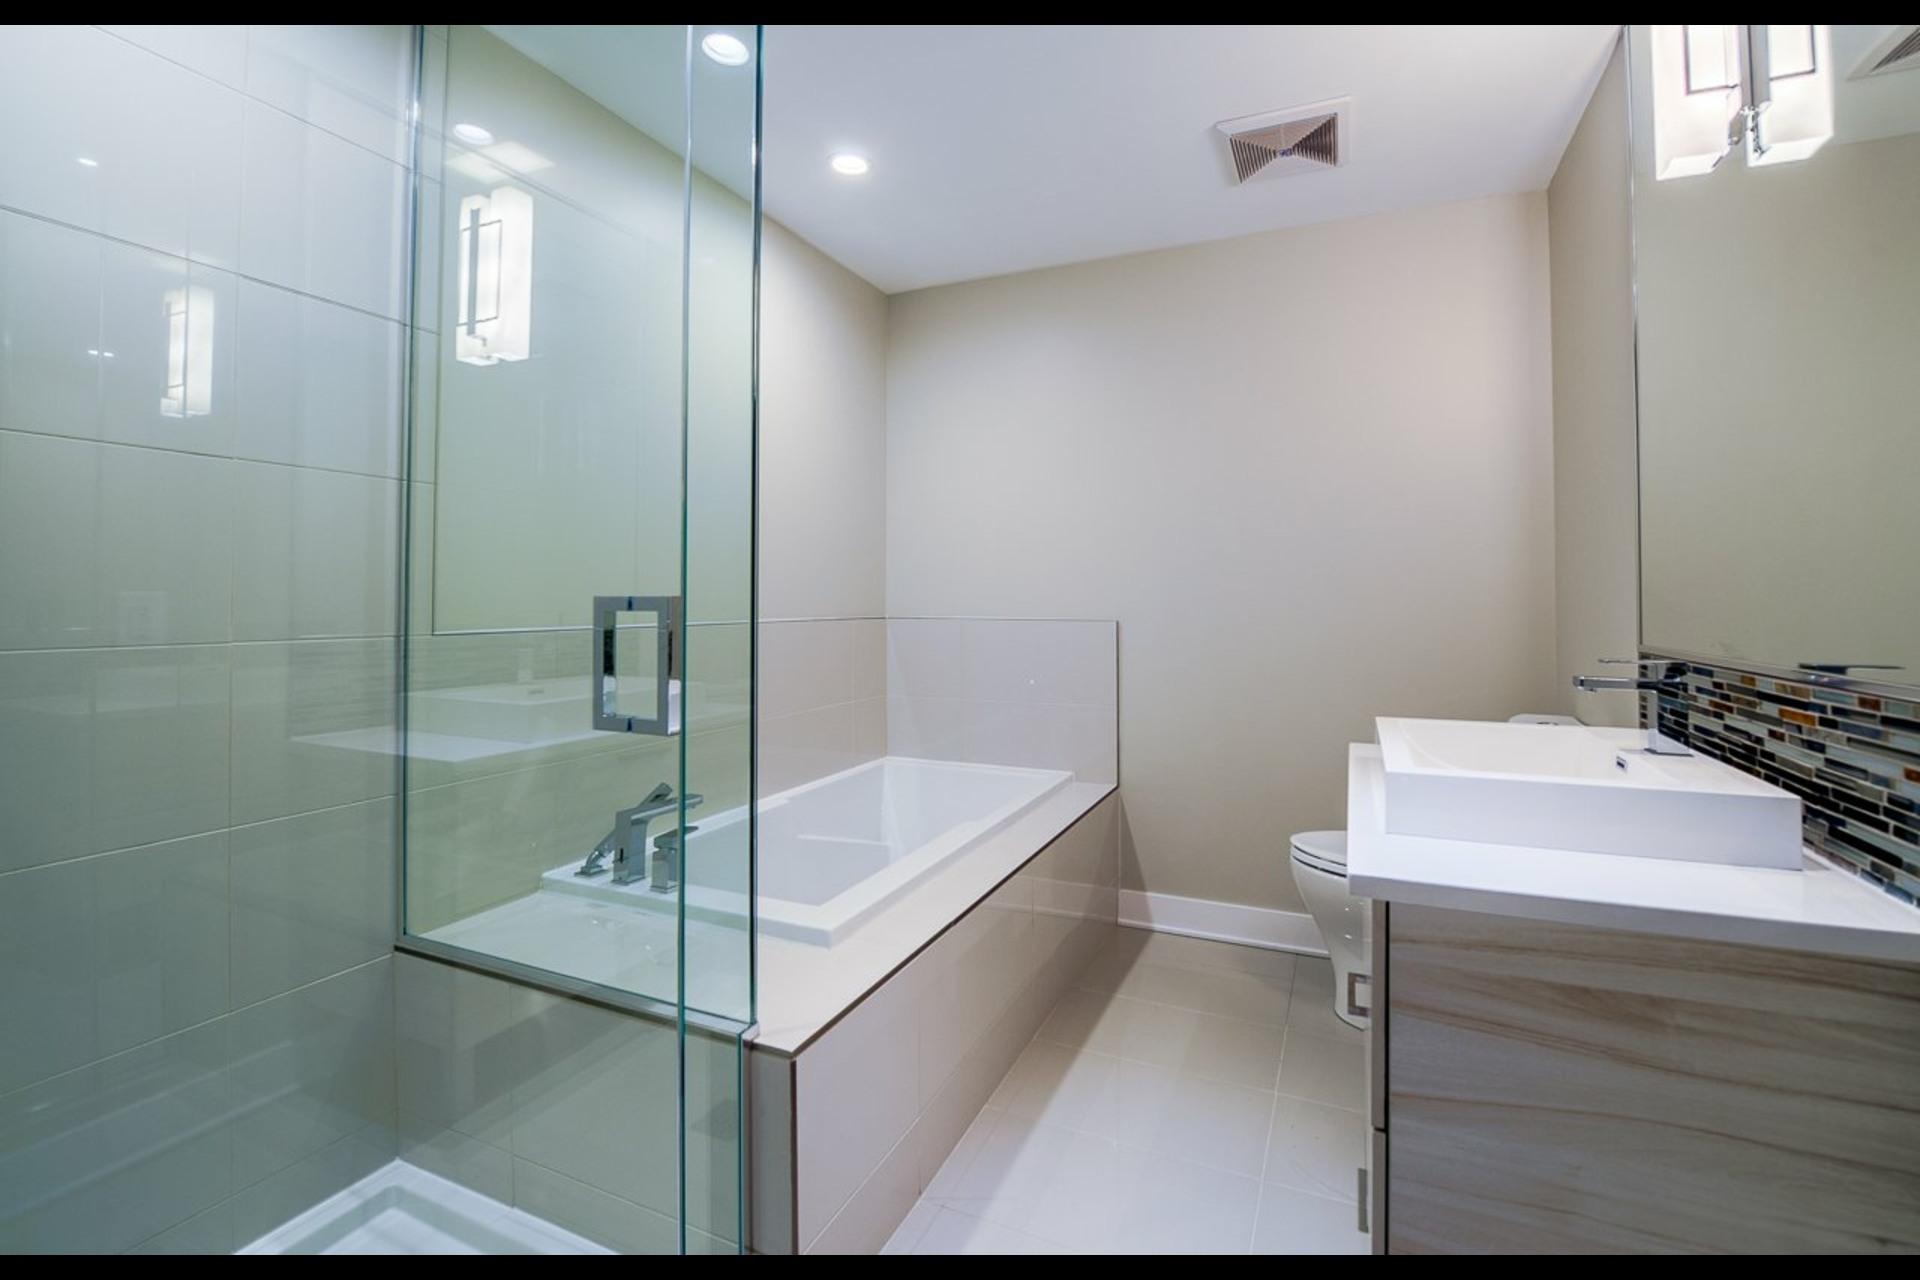 image 9 - Appartement À louer Montréal Rosemont/La Petite-Patrie  - 4 pièces